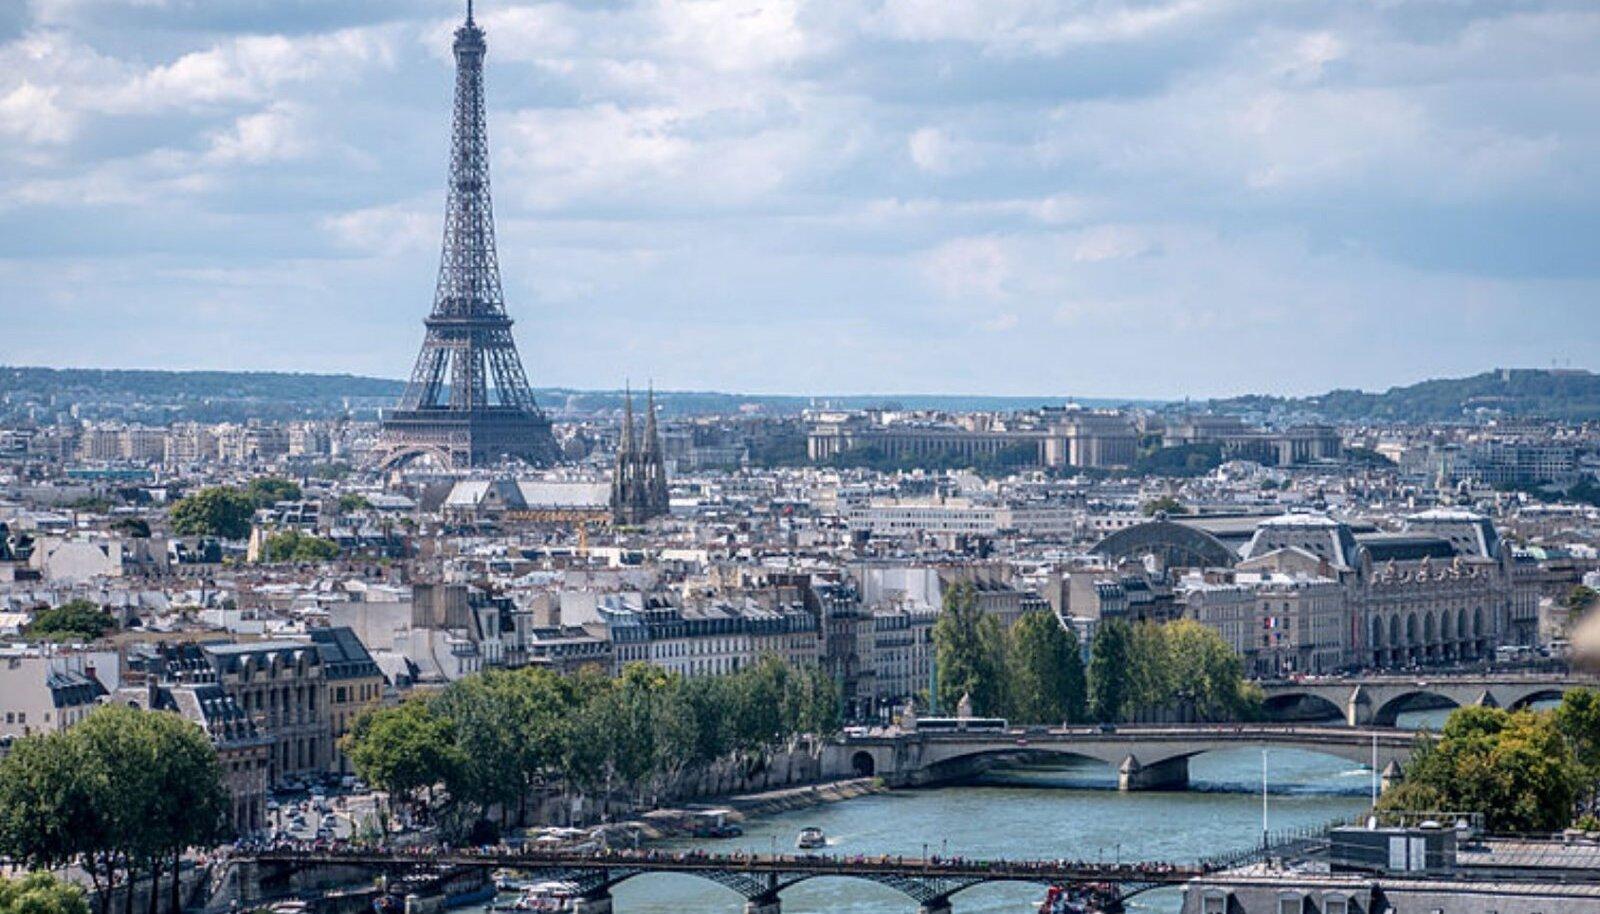 Ile-de-France'i ehk Pariisi regiooni haiglate reanimatsiooniosakondades enam kohti ei ole ja haigeid transporditakse TGV-ga (kiirrong kuni 350 km/h) teistesse piirkondadesse.